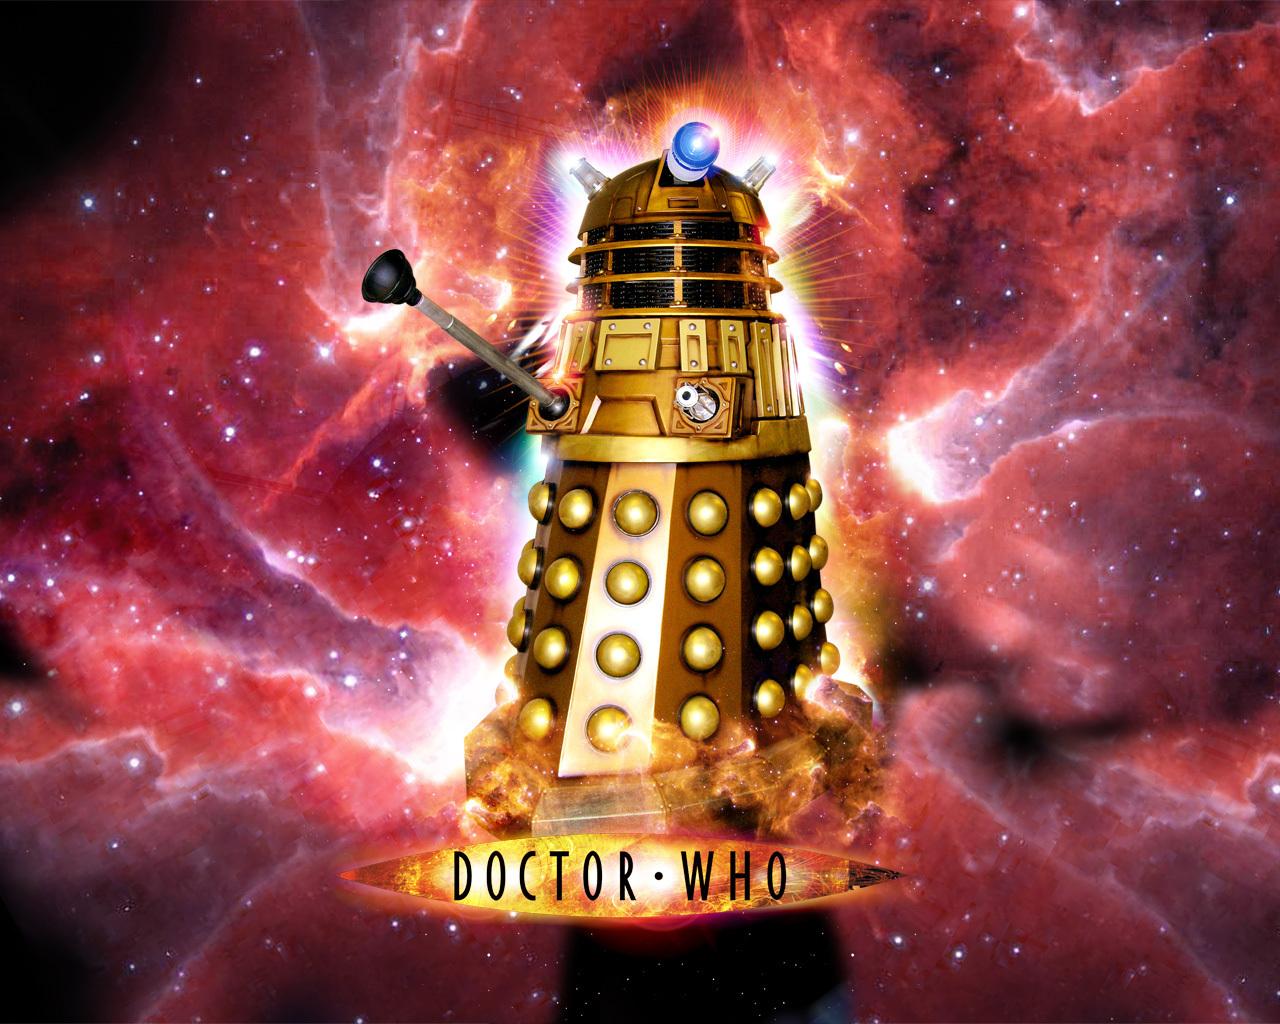 dalek carn. - Doctor Who Wallpaper (19740809) - Fanpop